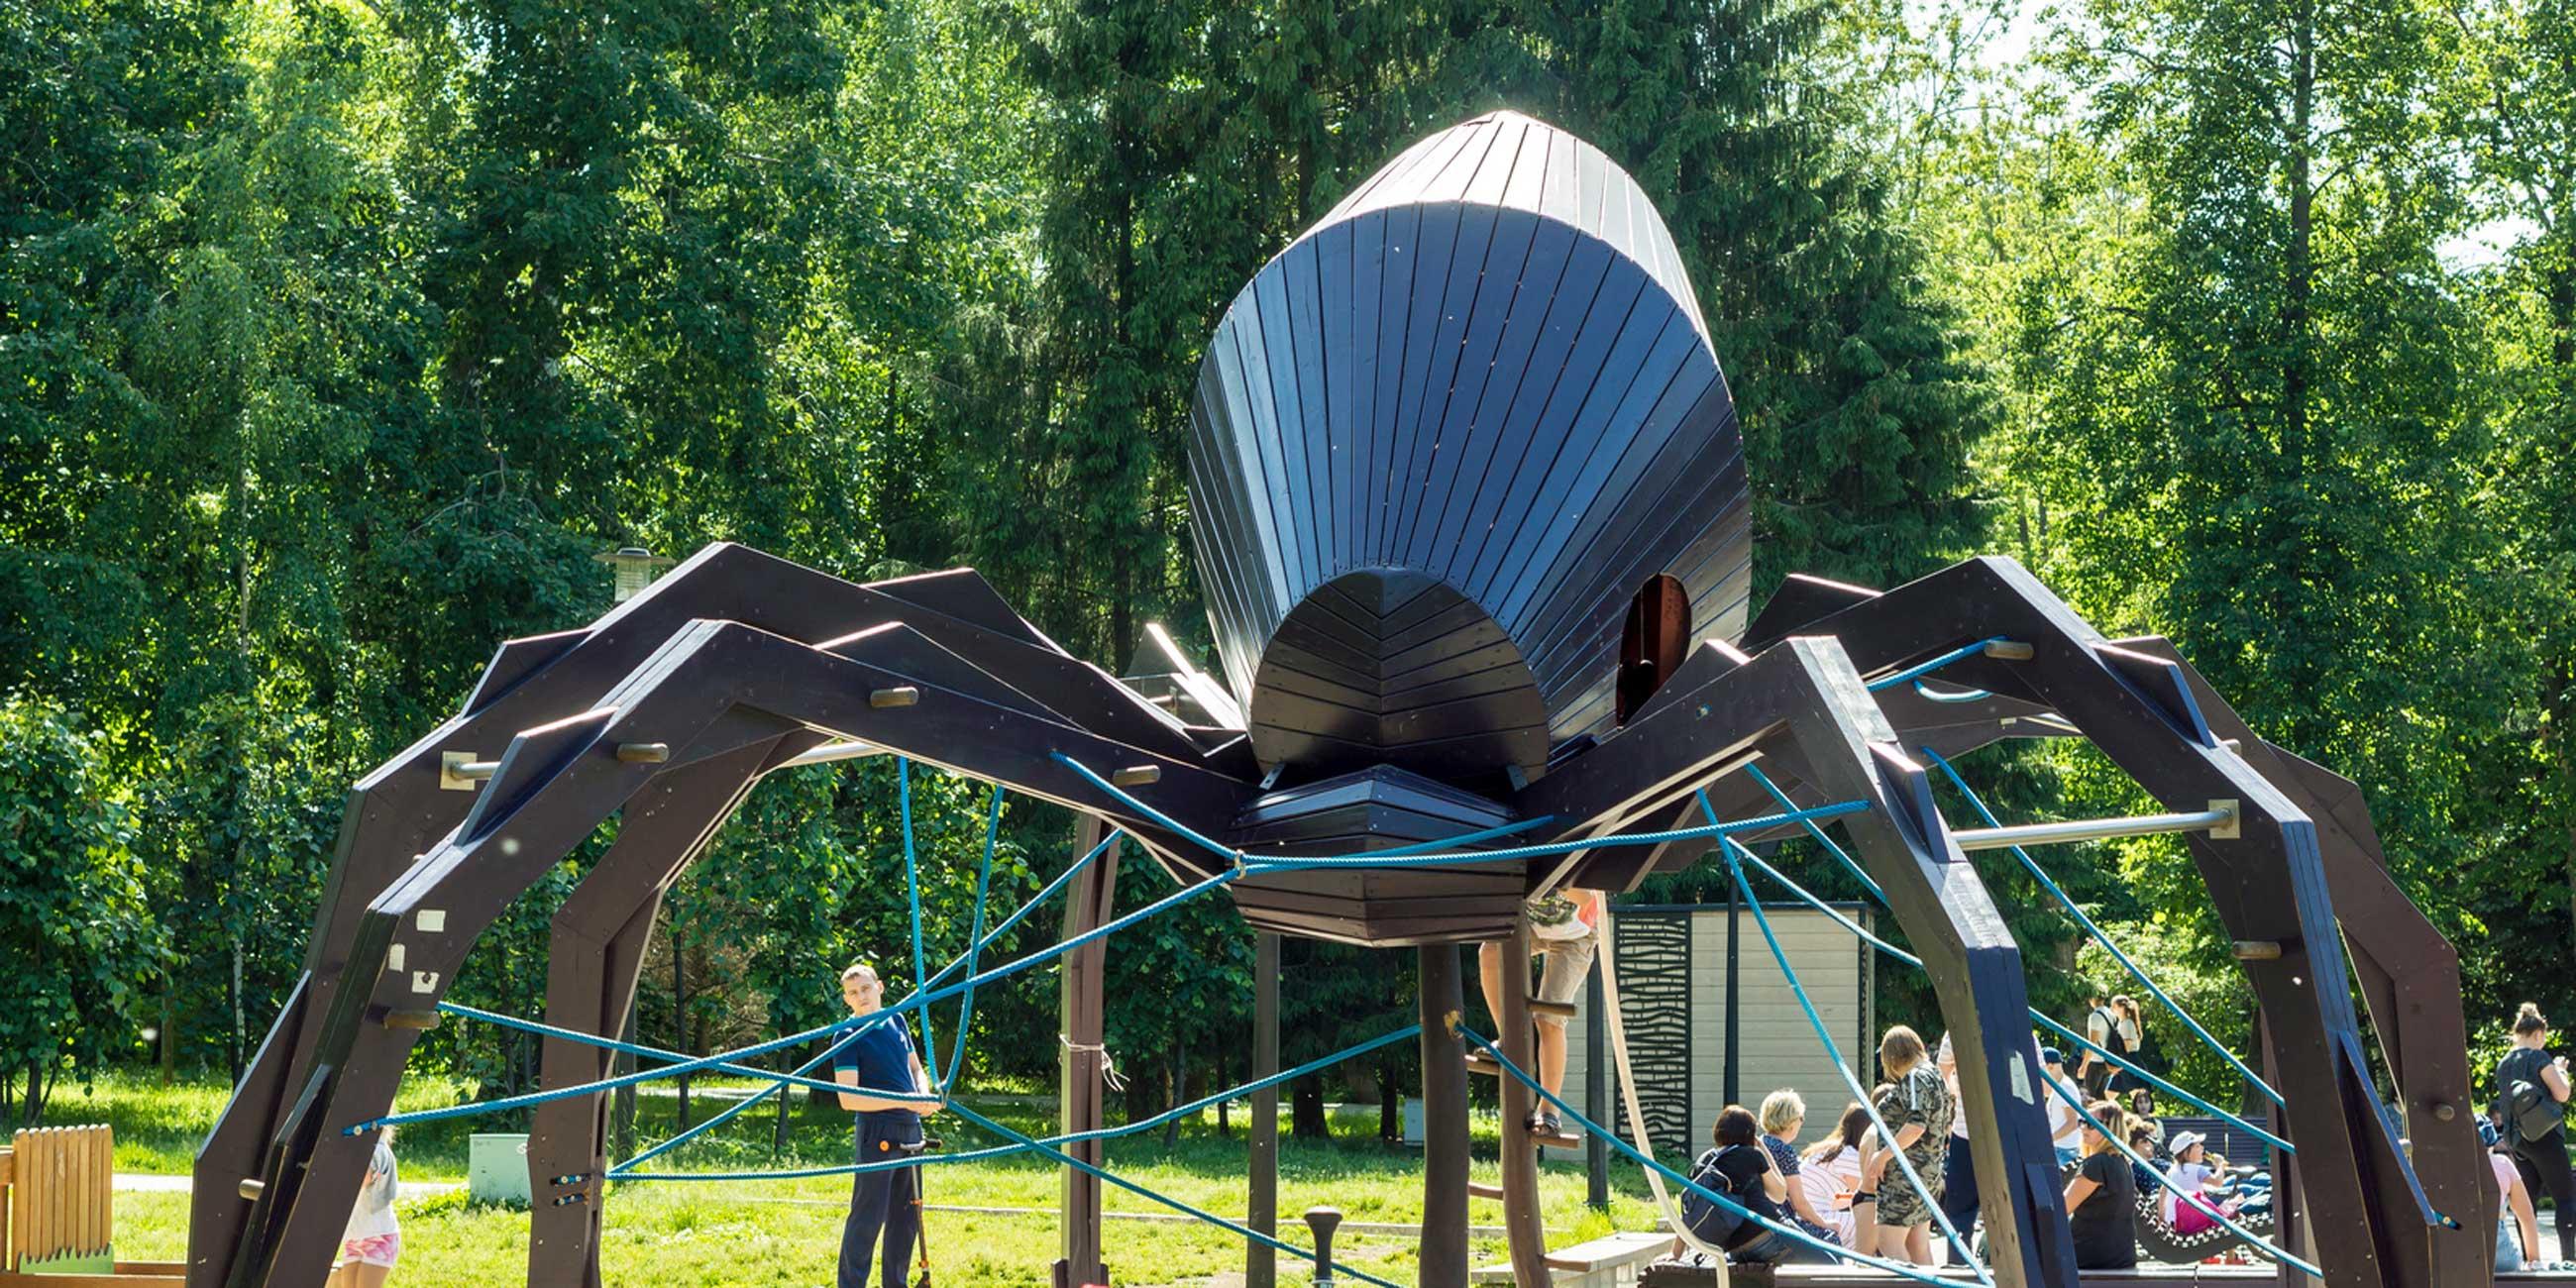 Для детей в парке построили целый игровой городокФото: Владимир Макеев, lori.ru